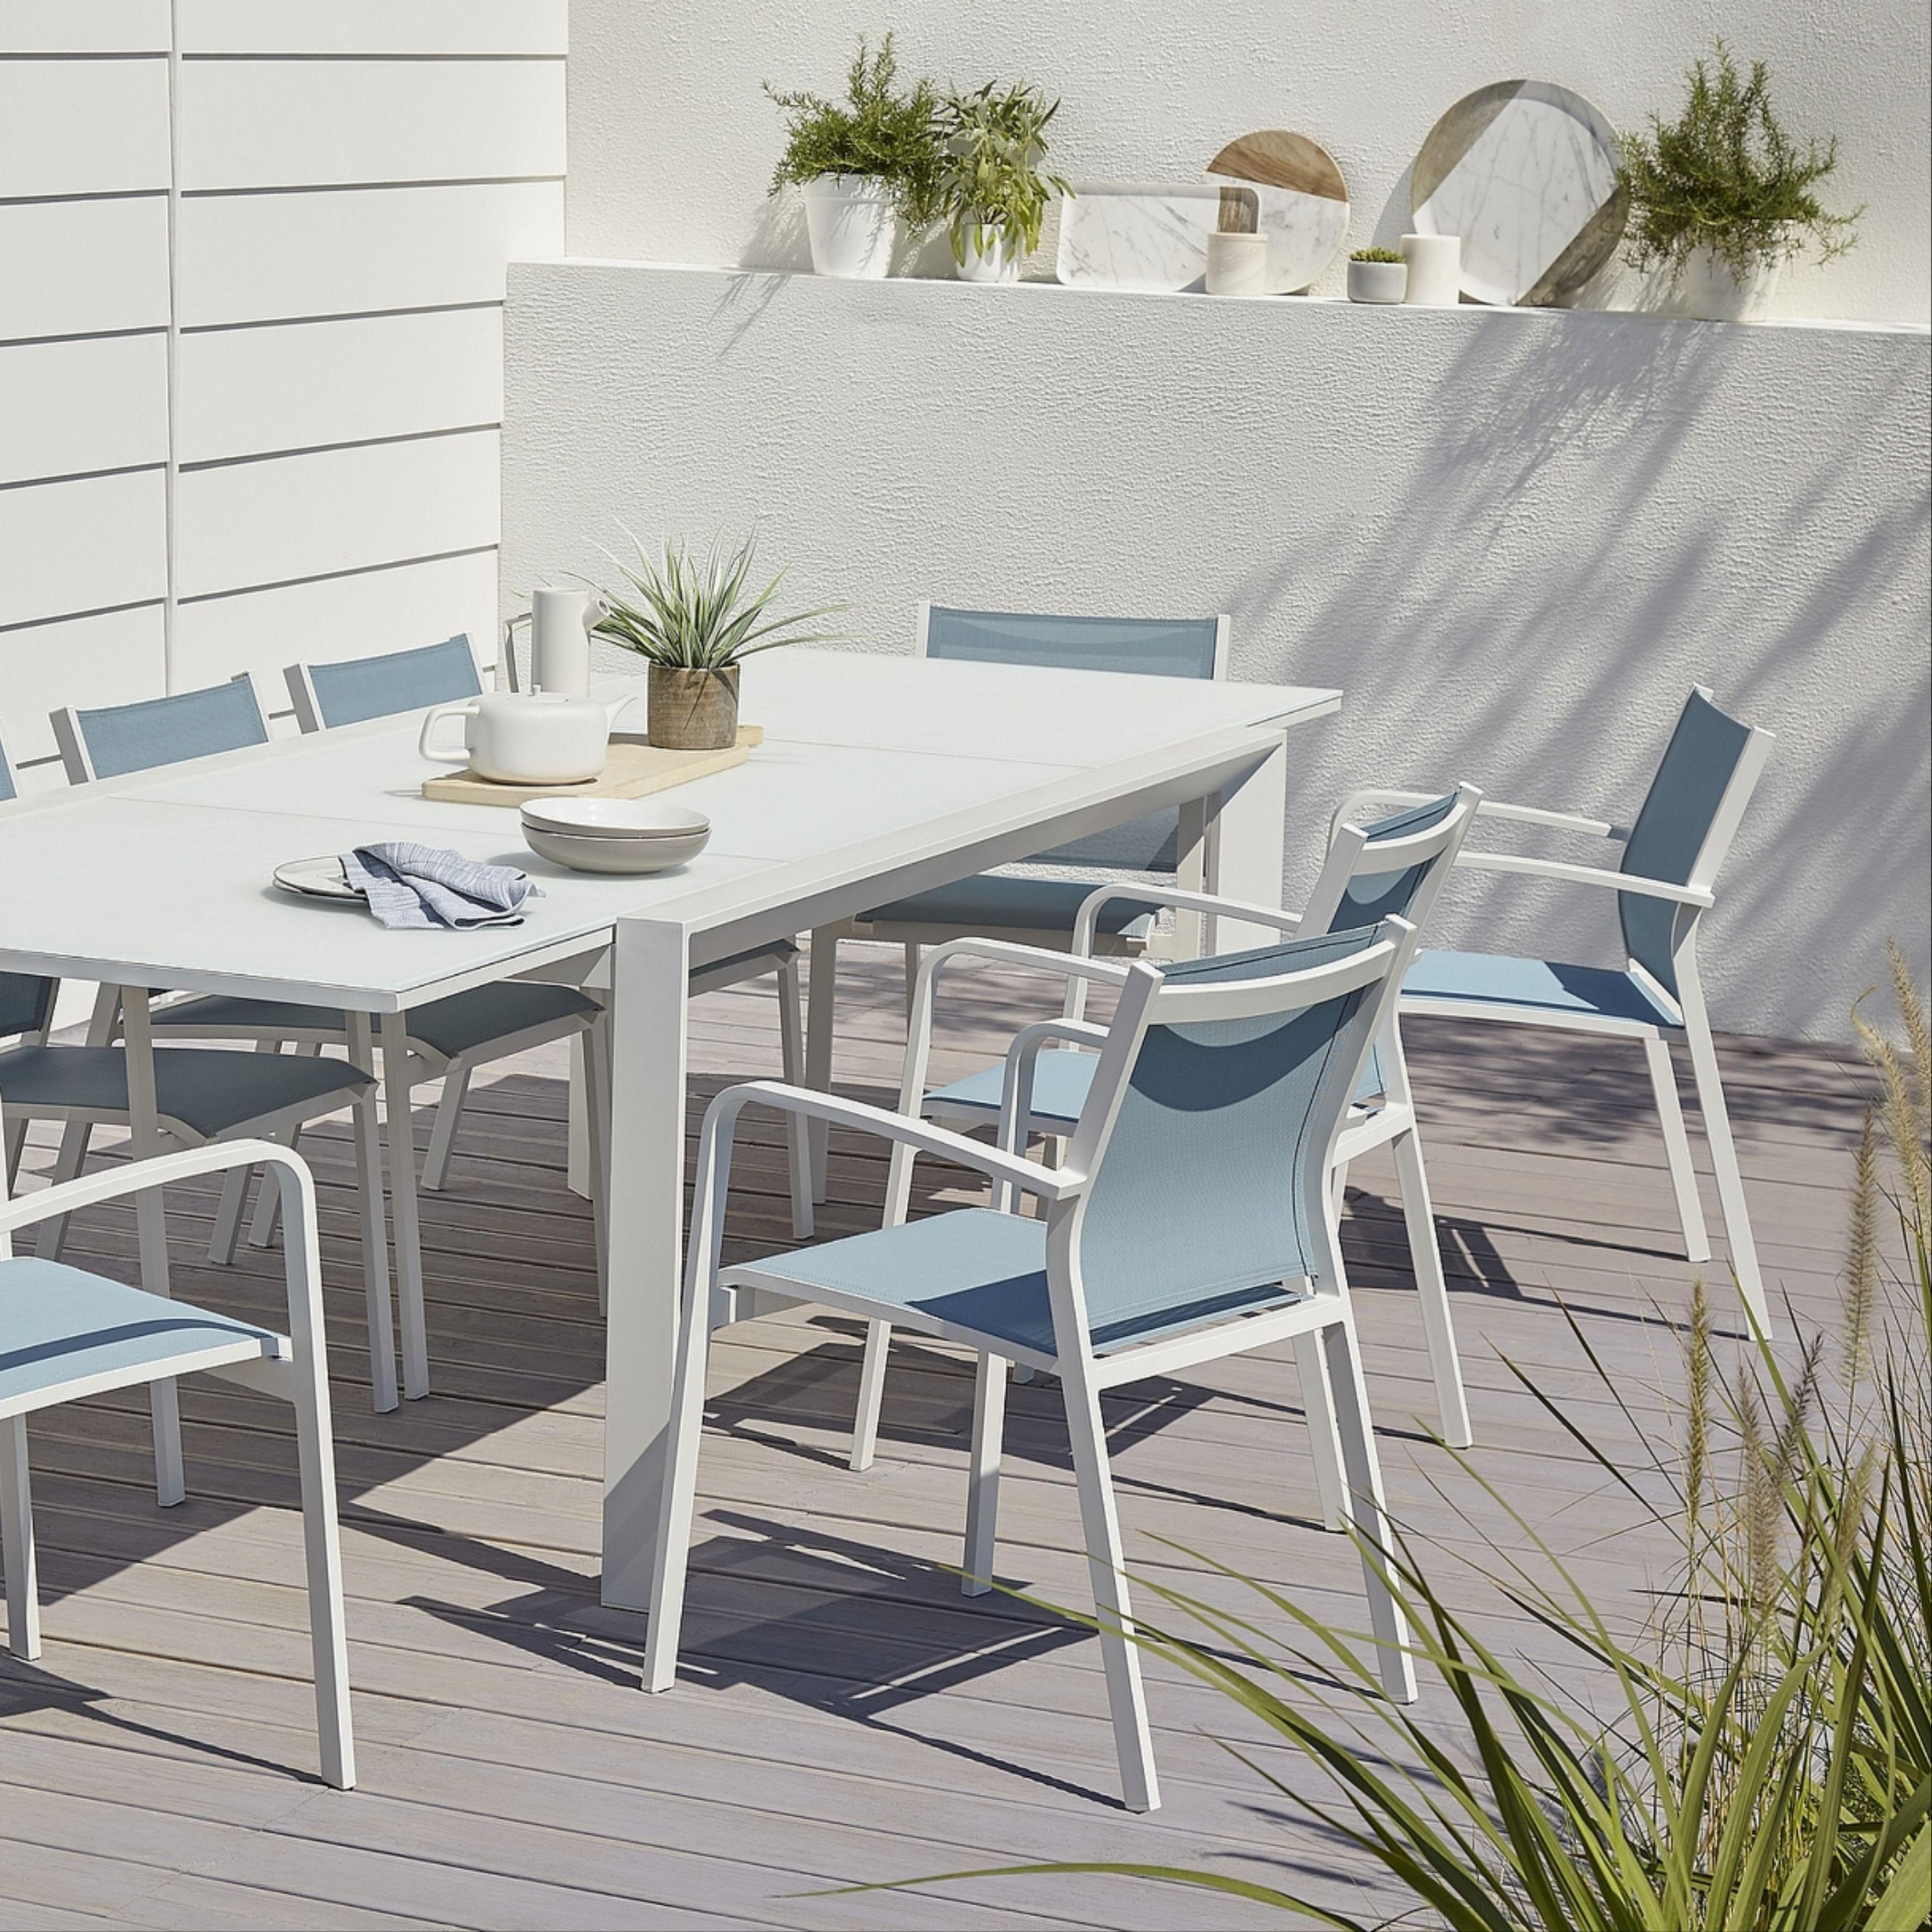 Table De Jardin En Aluminium Et Verre Bacopia Blanche 200 300 X 100 Cm En 2020 Salon De Jardin Castorama Table De Jardin Fauteuil Jardin